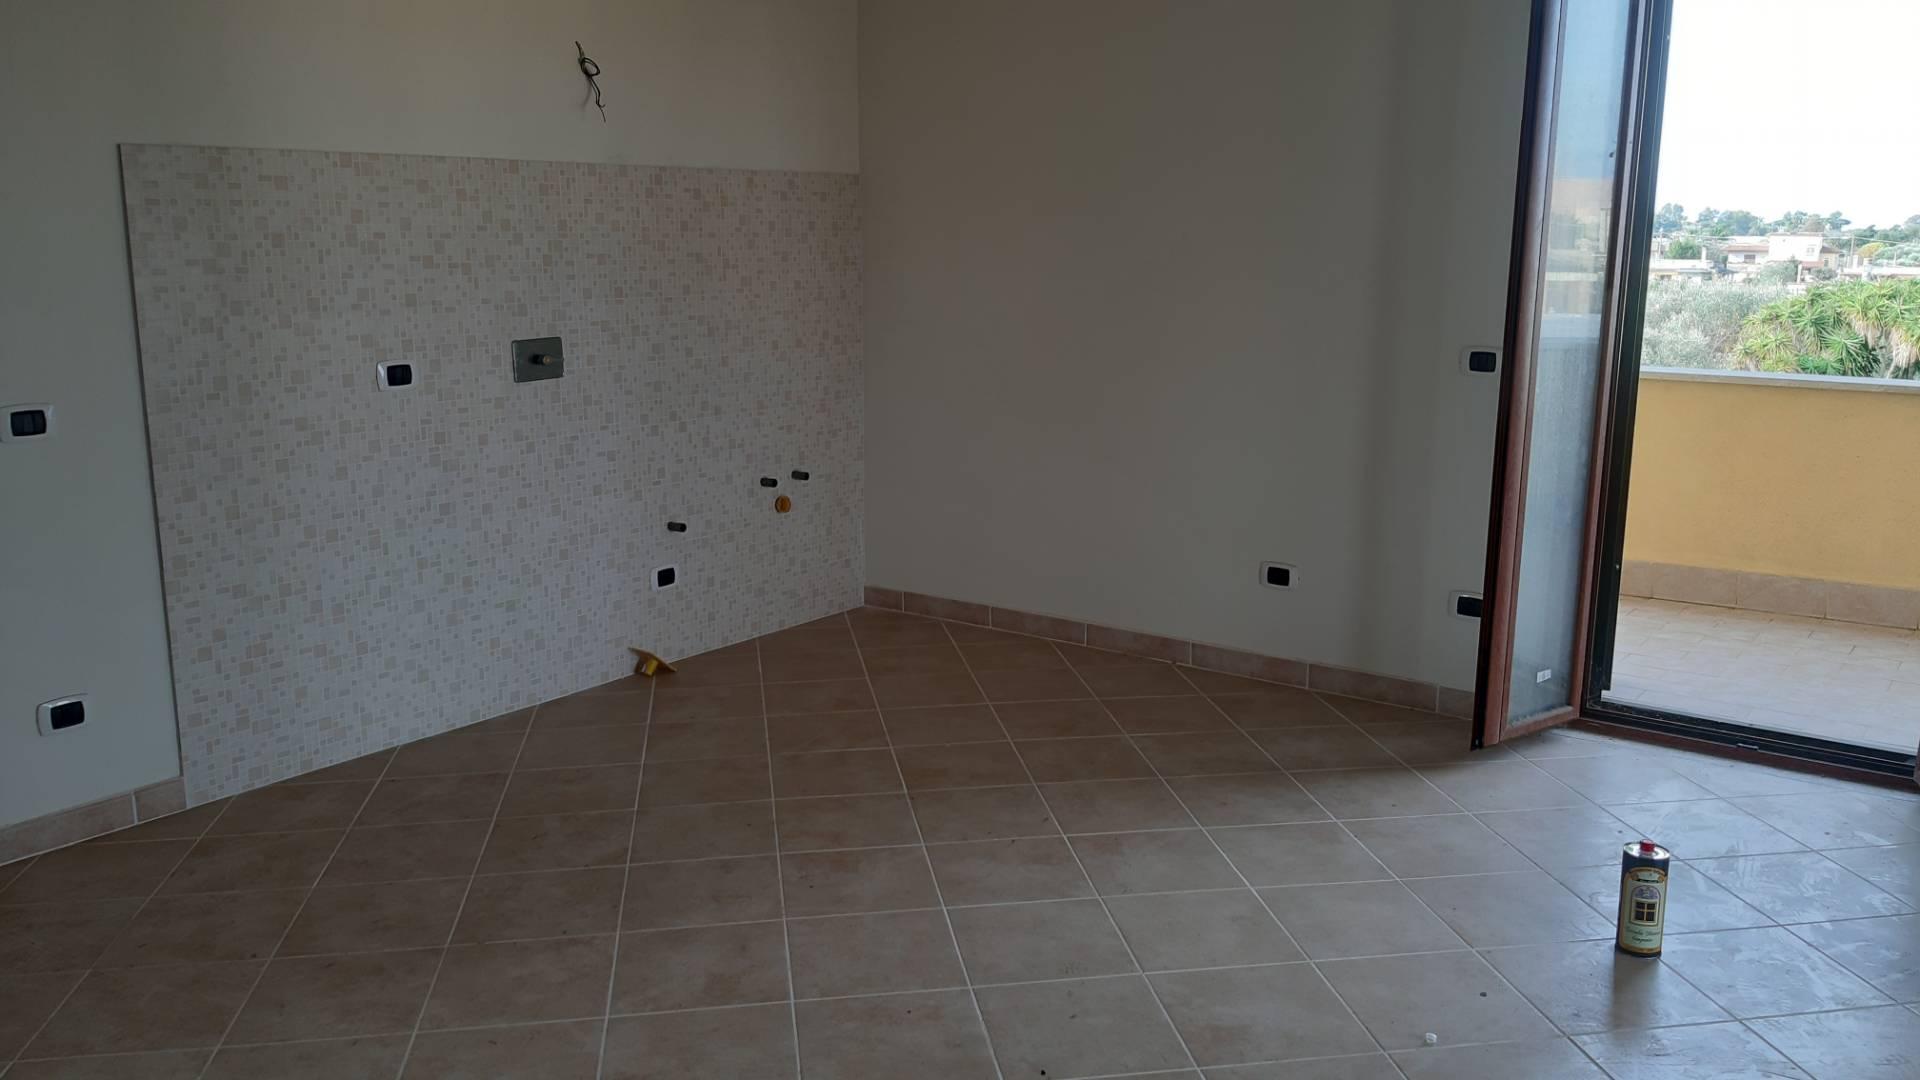 Appartamento in vendita a Anzio, 2 locali, zona Località: padiglione, prezzo € 90.000 | PortaleAgenzieImmobiliari.it